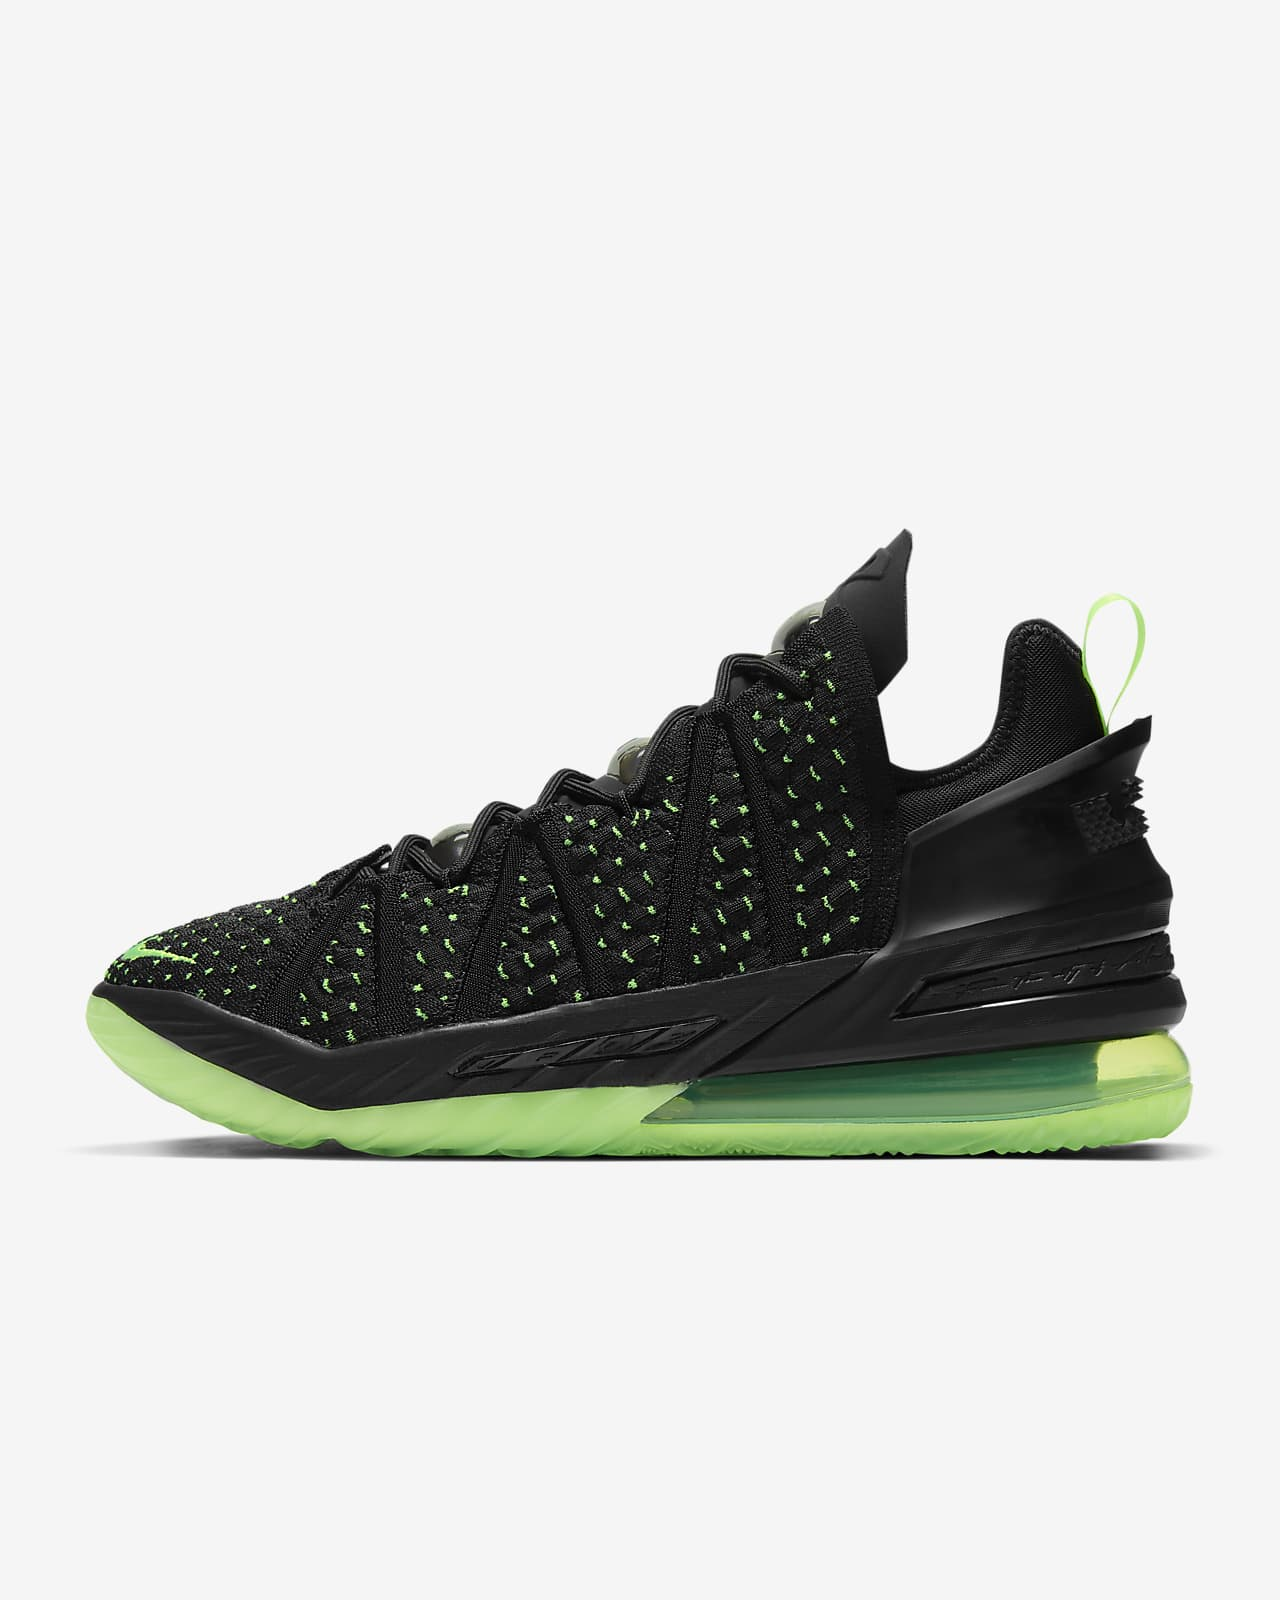 """レブロン 18 """"Black/Electric Green"""" バスケットボールシューズ"""